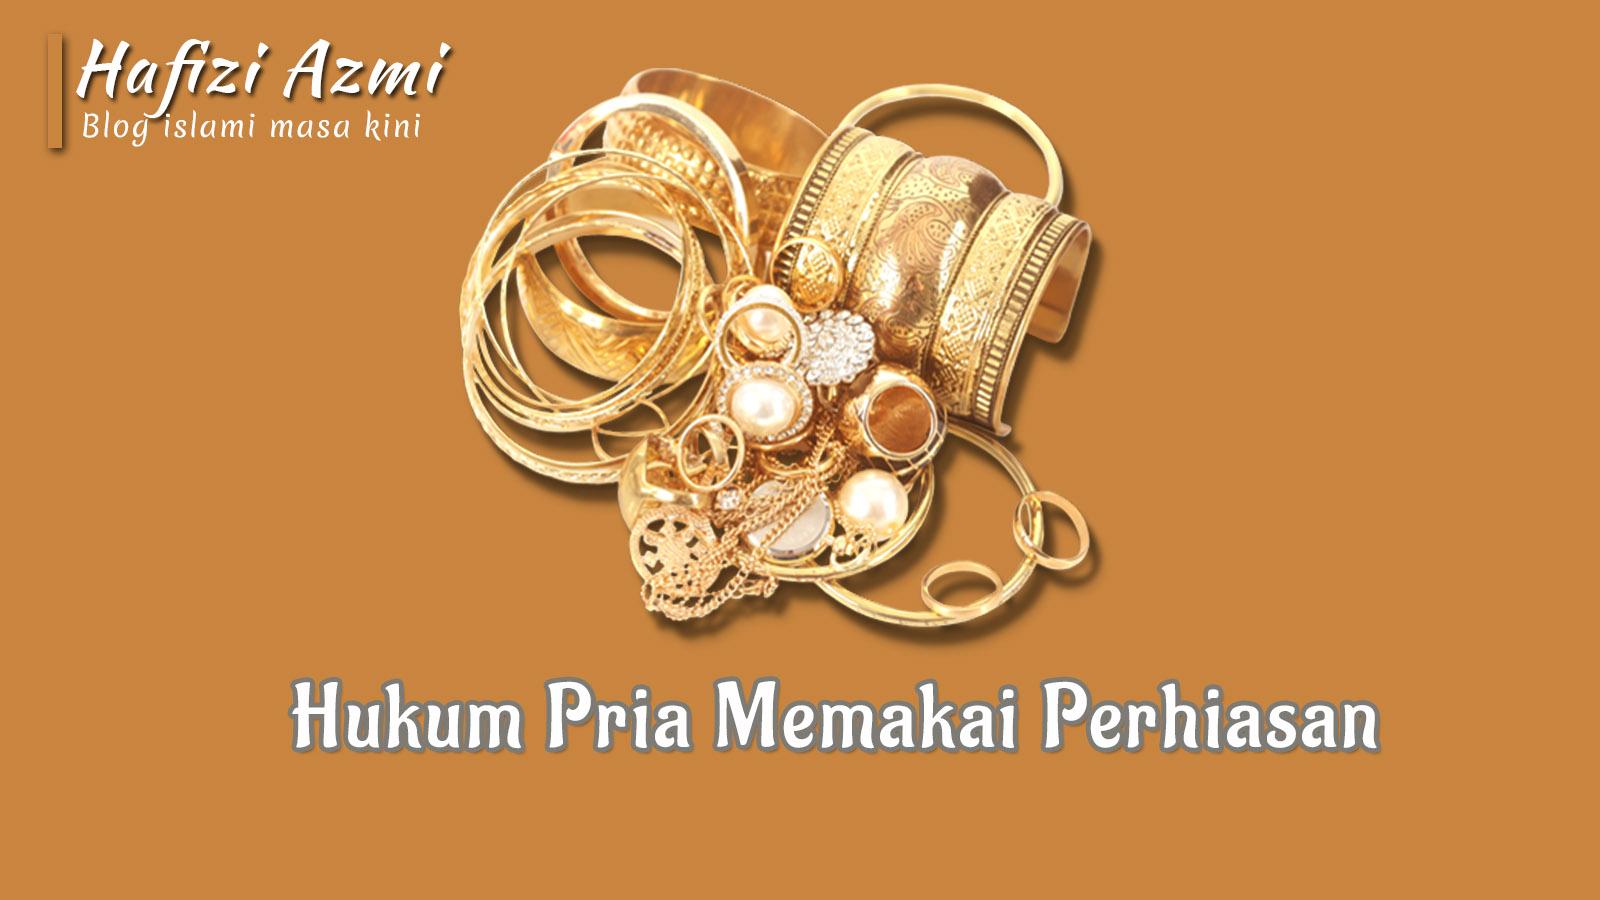 Hukum pria memakai perhiasan gelang, anting